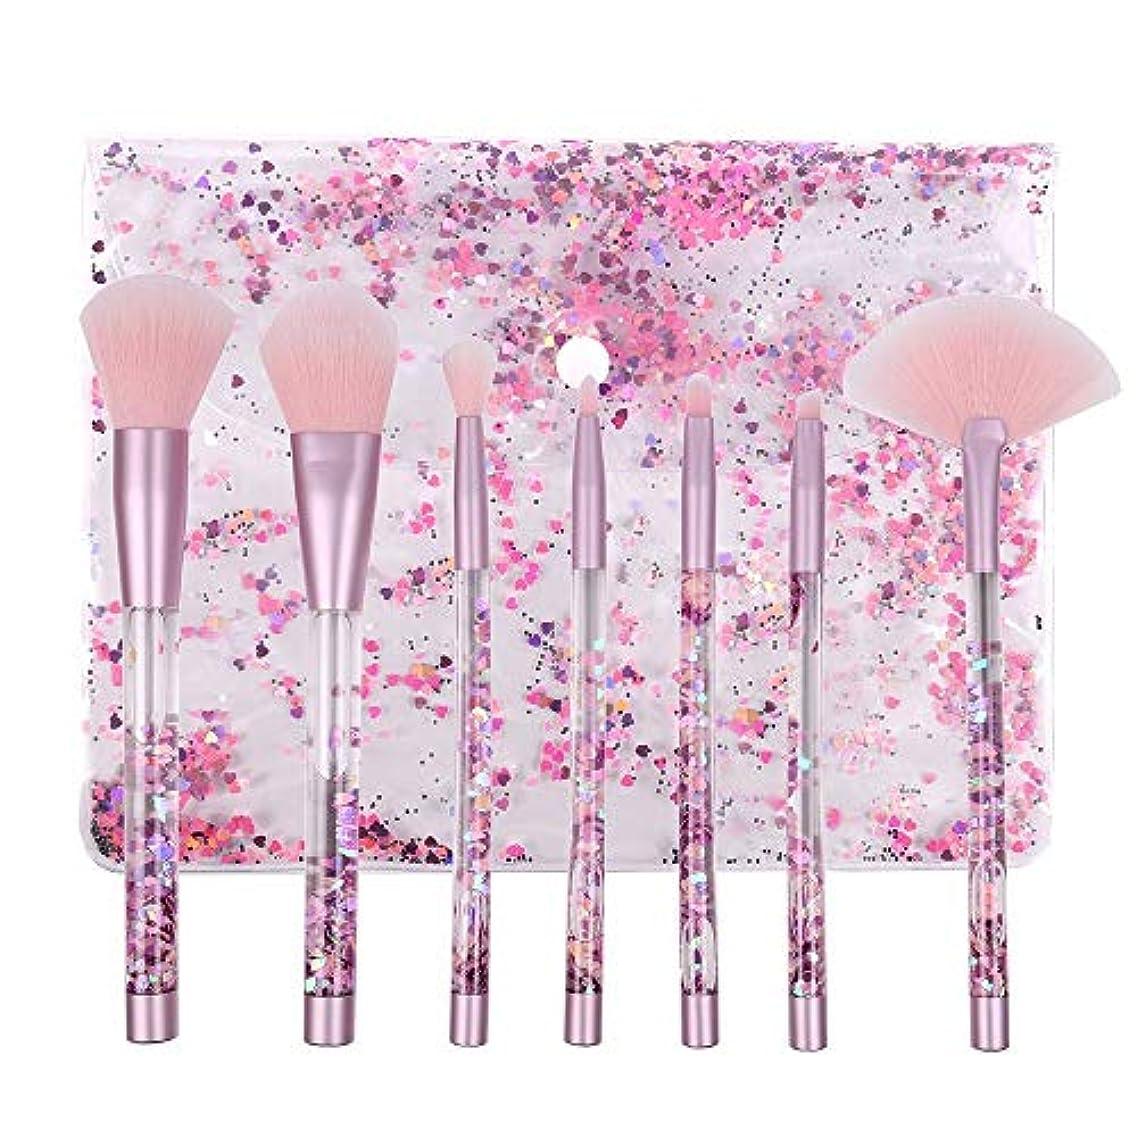 パノラマしっとり丘Makeup brushes 化粧ブラシセット7ピースクリスタルピンク液体の光沢のある流砂のハンドル化粧ブラシナイロンブラシ suits (Color : Purple glitter handle and pink hair)